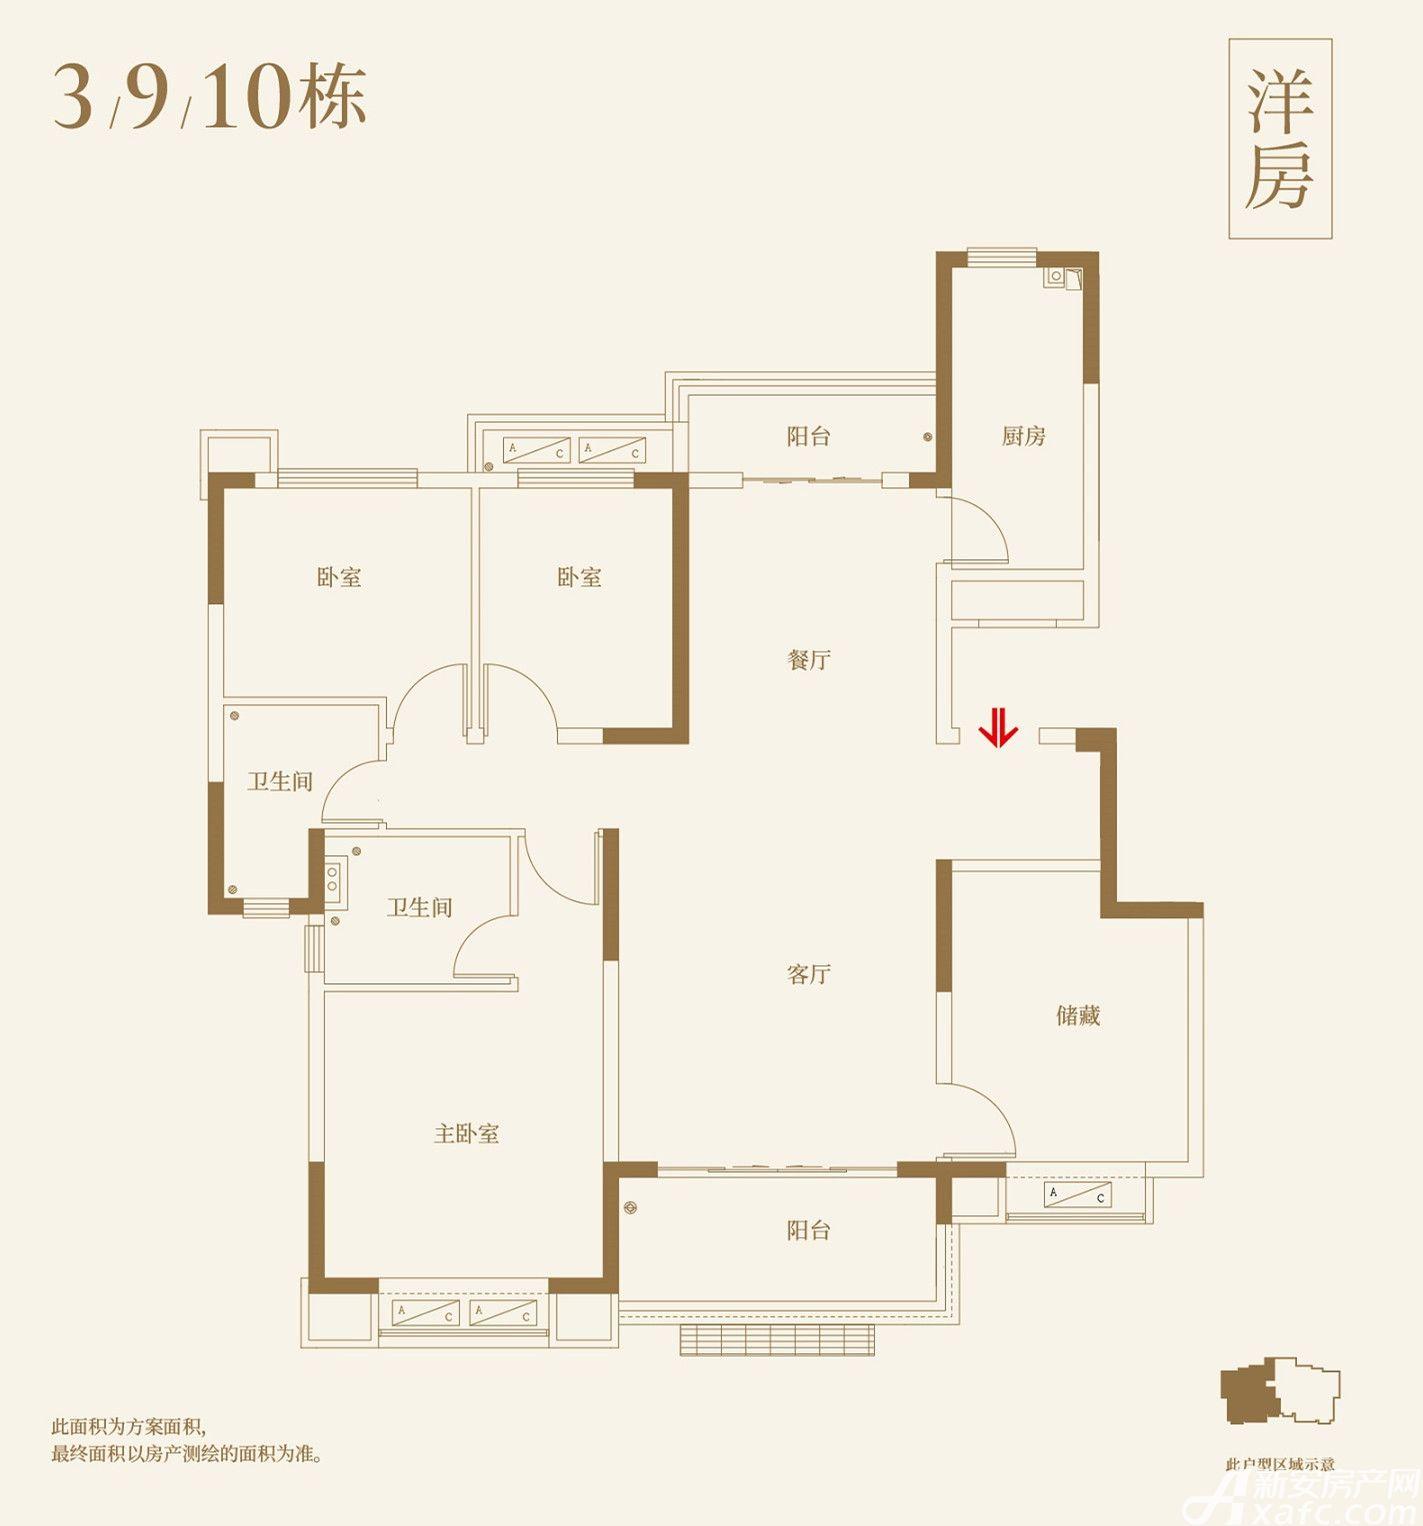 恒大御府3、9、10栋A4室2厅135.7平米